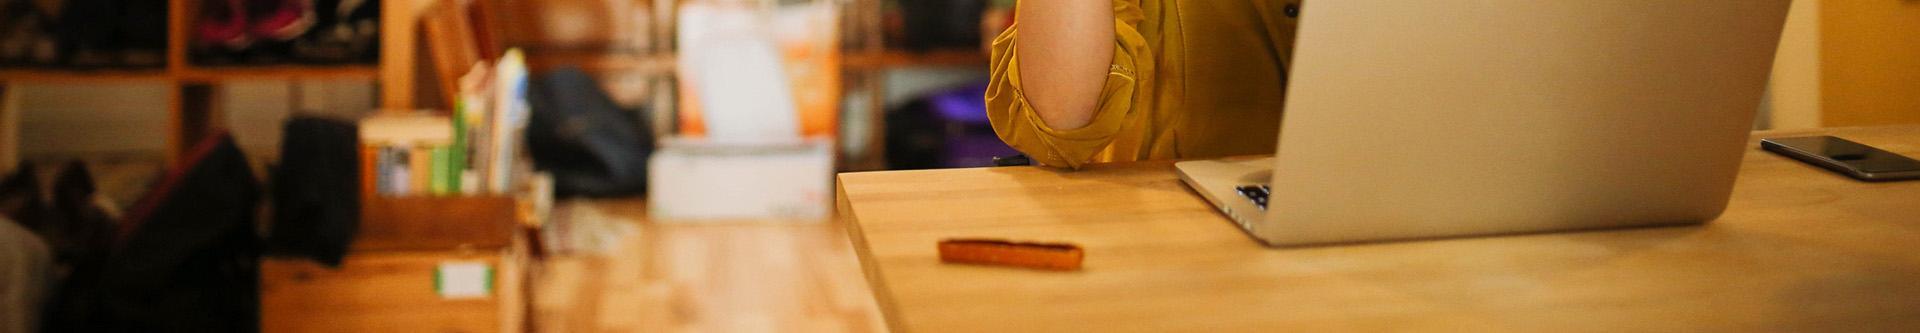 Laptop na drewnianym blacie